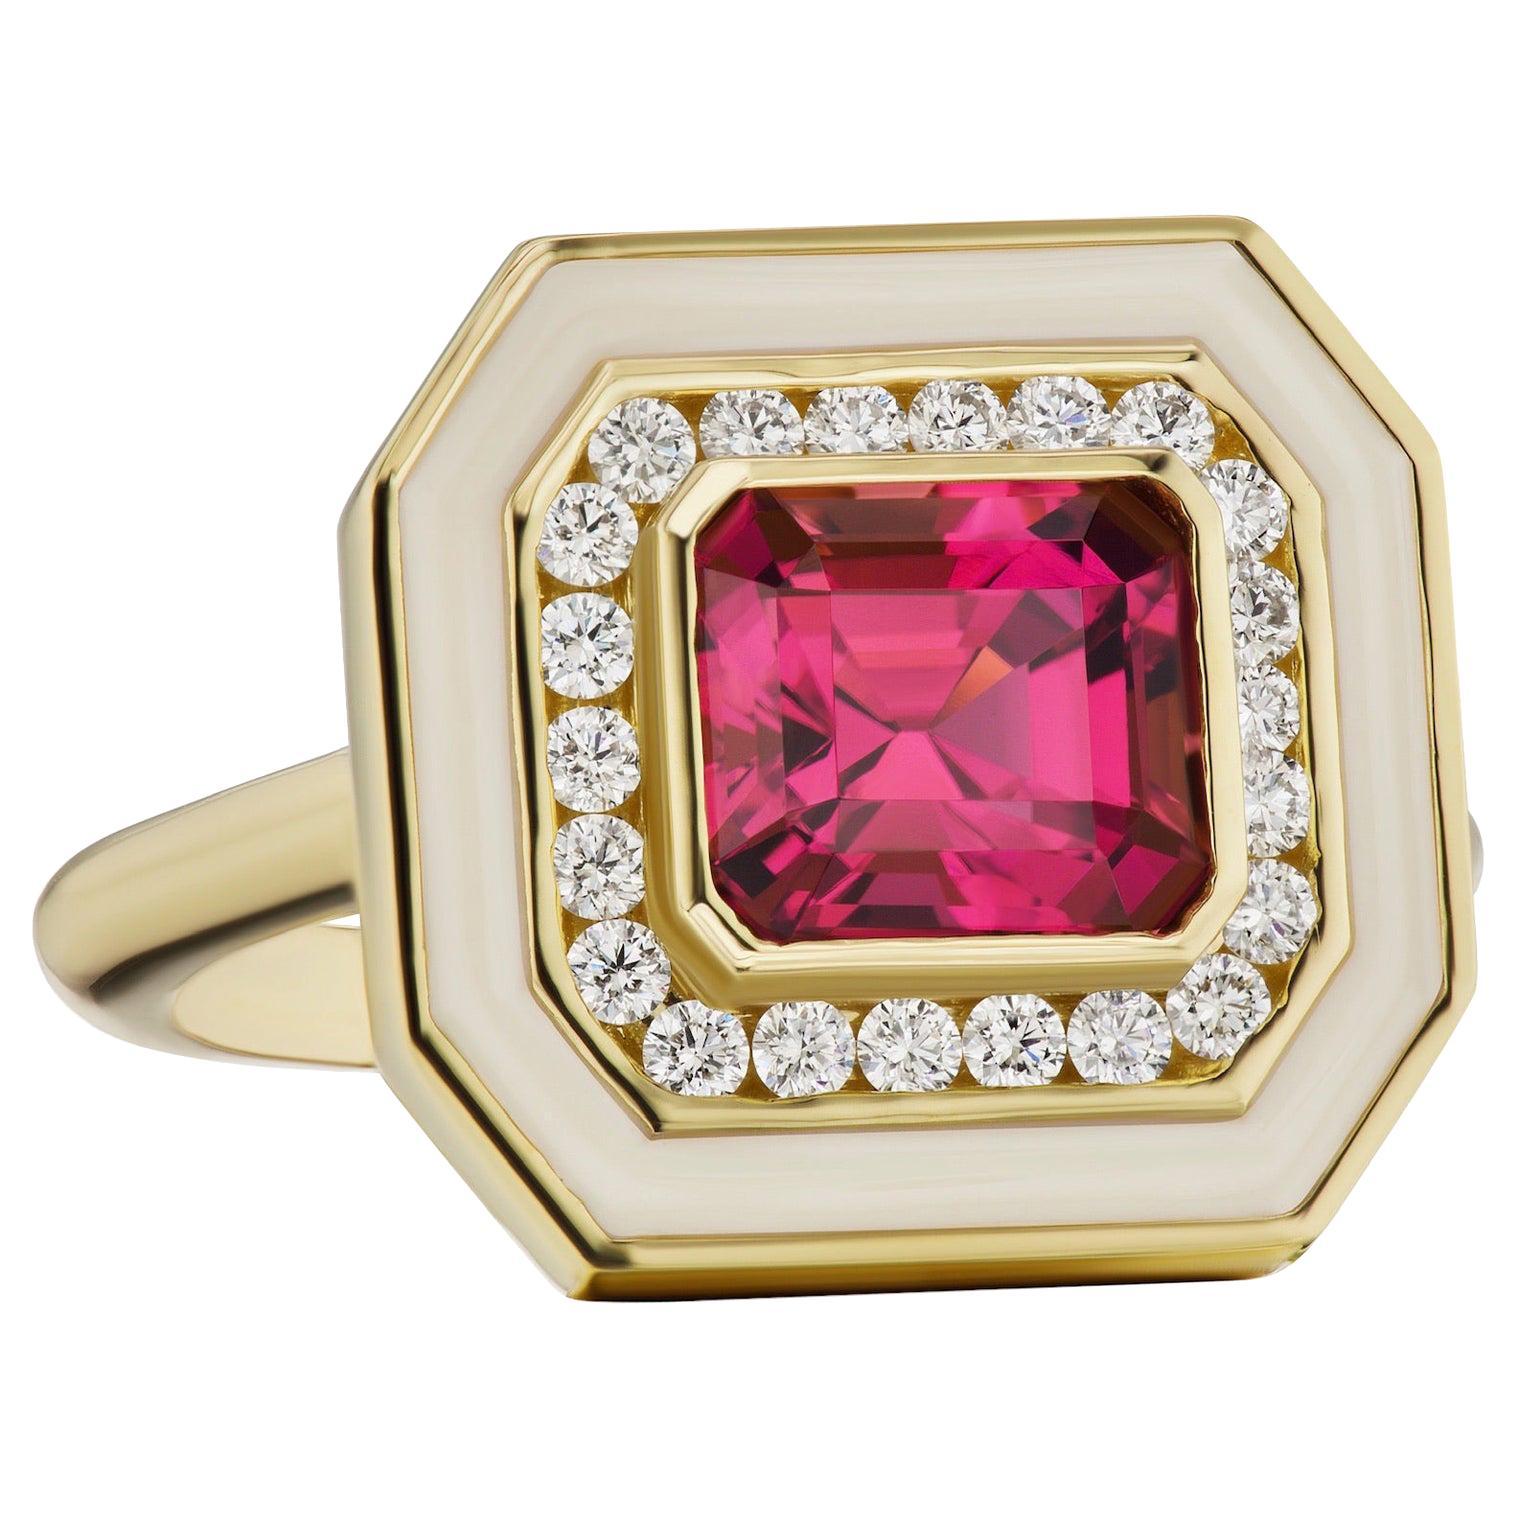 Tourmaline Ring with Diamonds in Cream Enamel Set in 18 Karat Yellow Gold